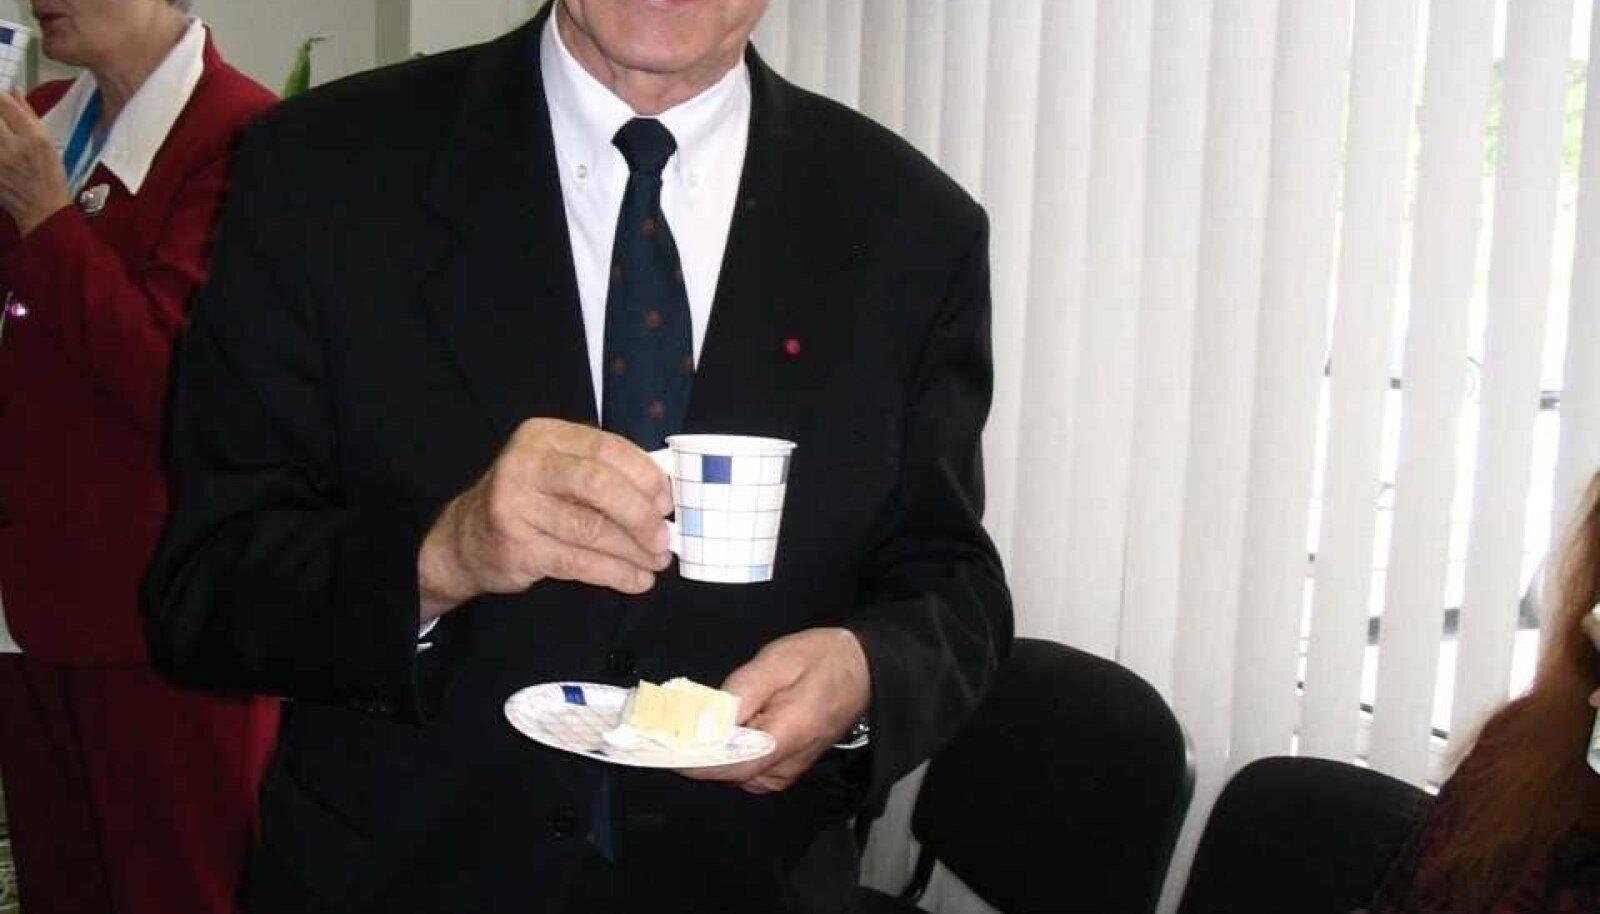 Udo Margna oli tark, uudishimulik, sõbralik ja südamlik ning julges alati öelda, mida ta tegelikult mõtles.